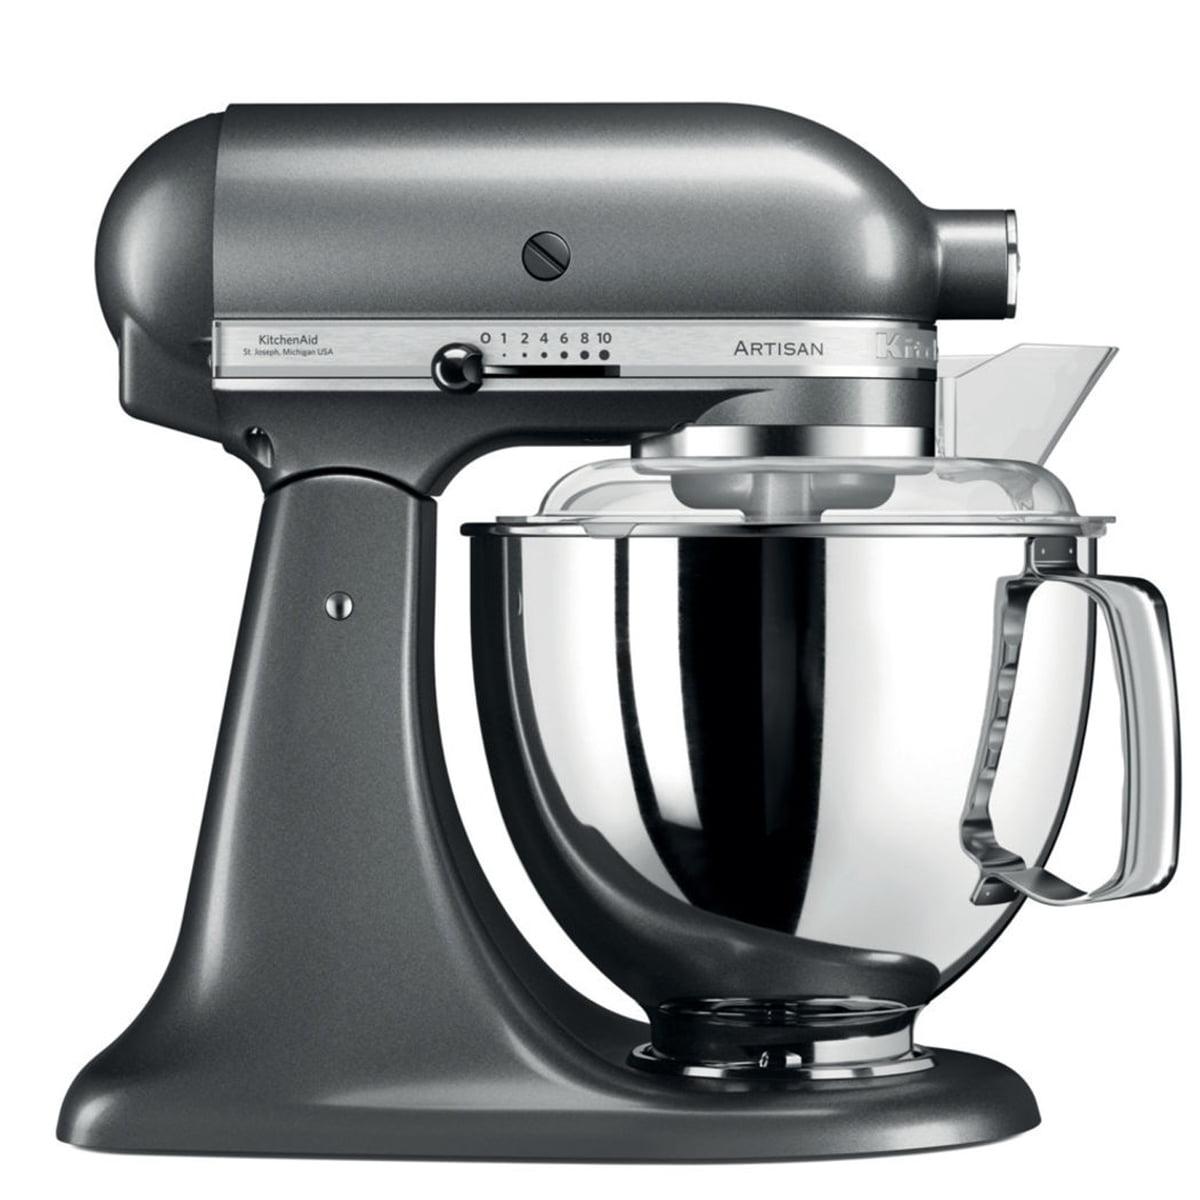 KitchenAid - Artisan Küchenmaschine 4.8 l, medallion silber | Küche und Esszimmer > Küchengeräte > Rührgeräte und Mixer | Kitchen Aid